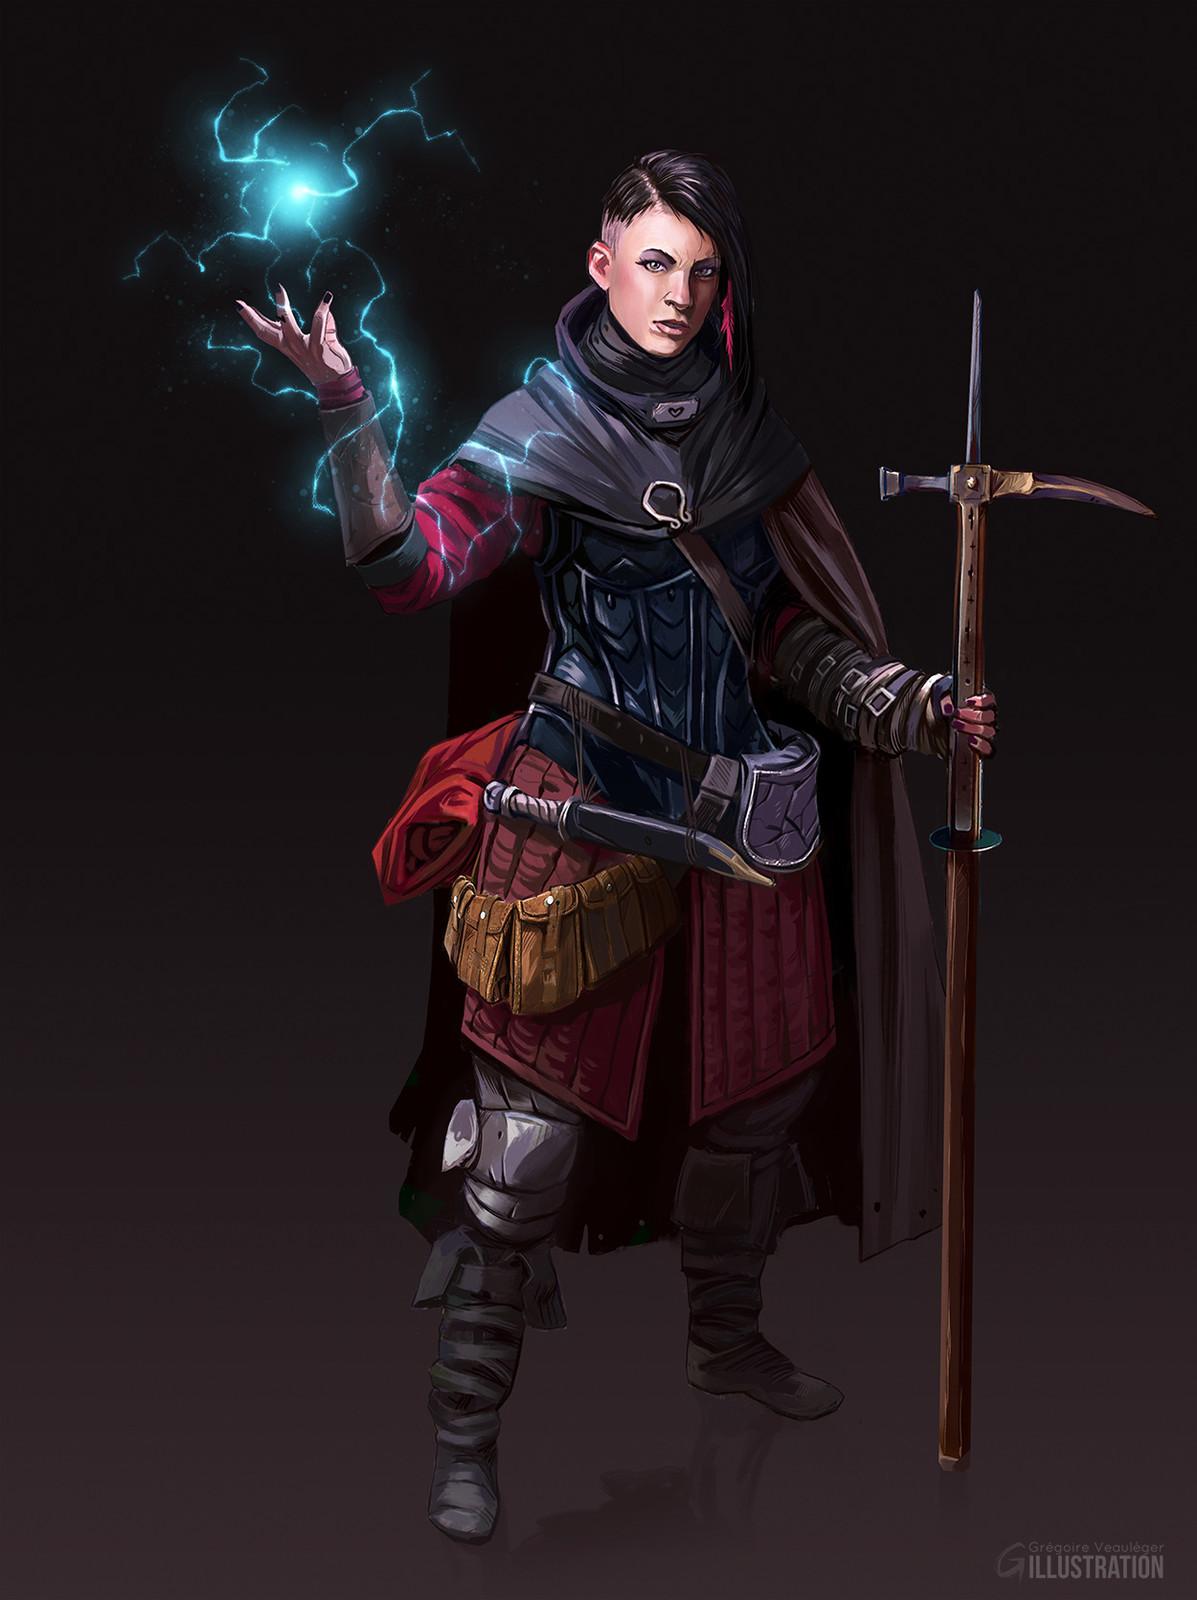 Wizard-ish rogue.